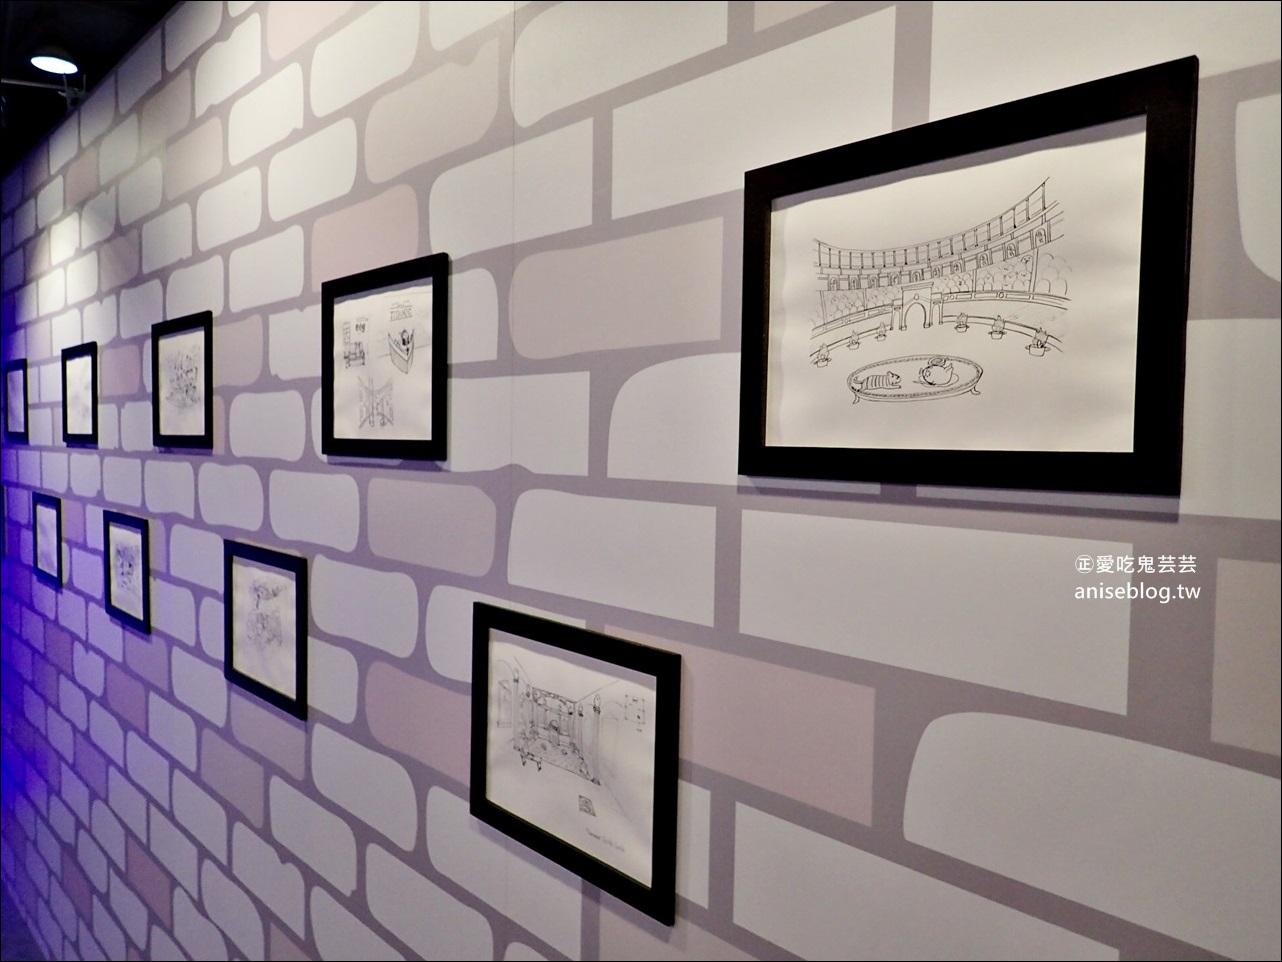 蛋黃哥懶得進化史特展,2018暑期室內展覽,國立台灣科學教育館(士林科教館),姊姊遊記